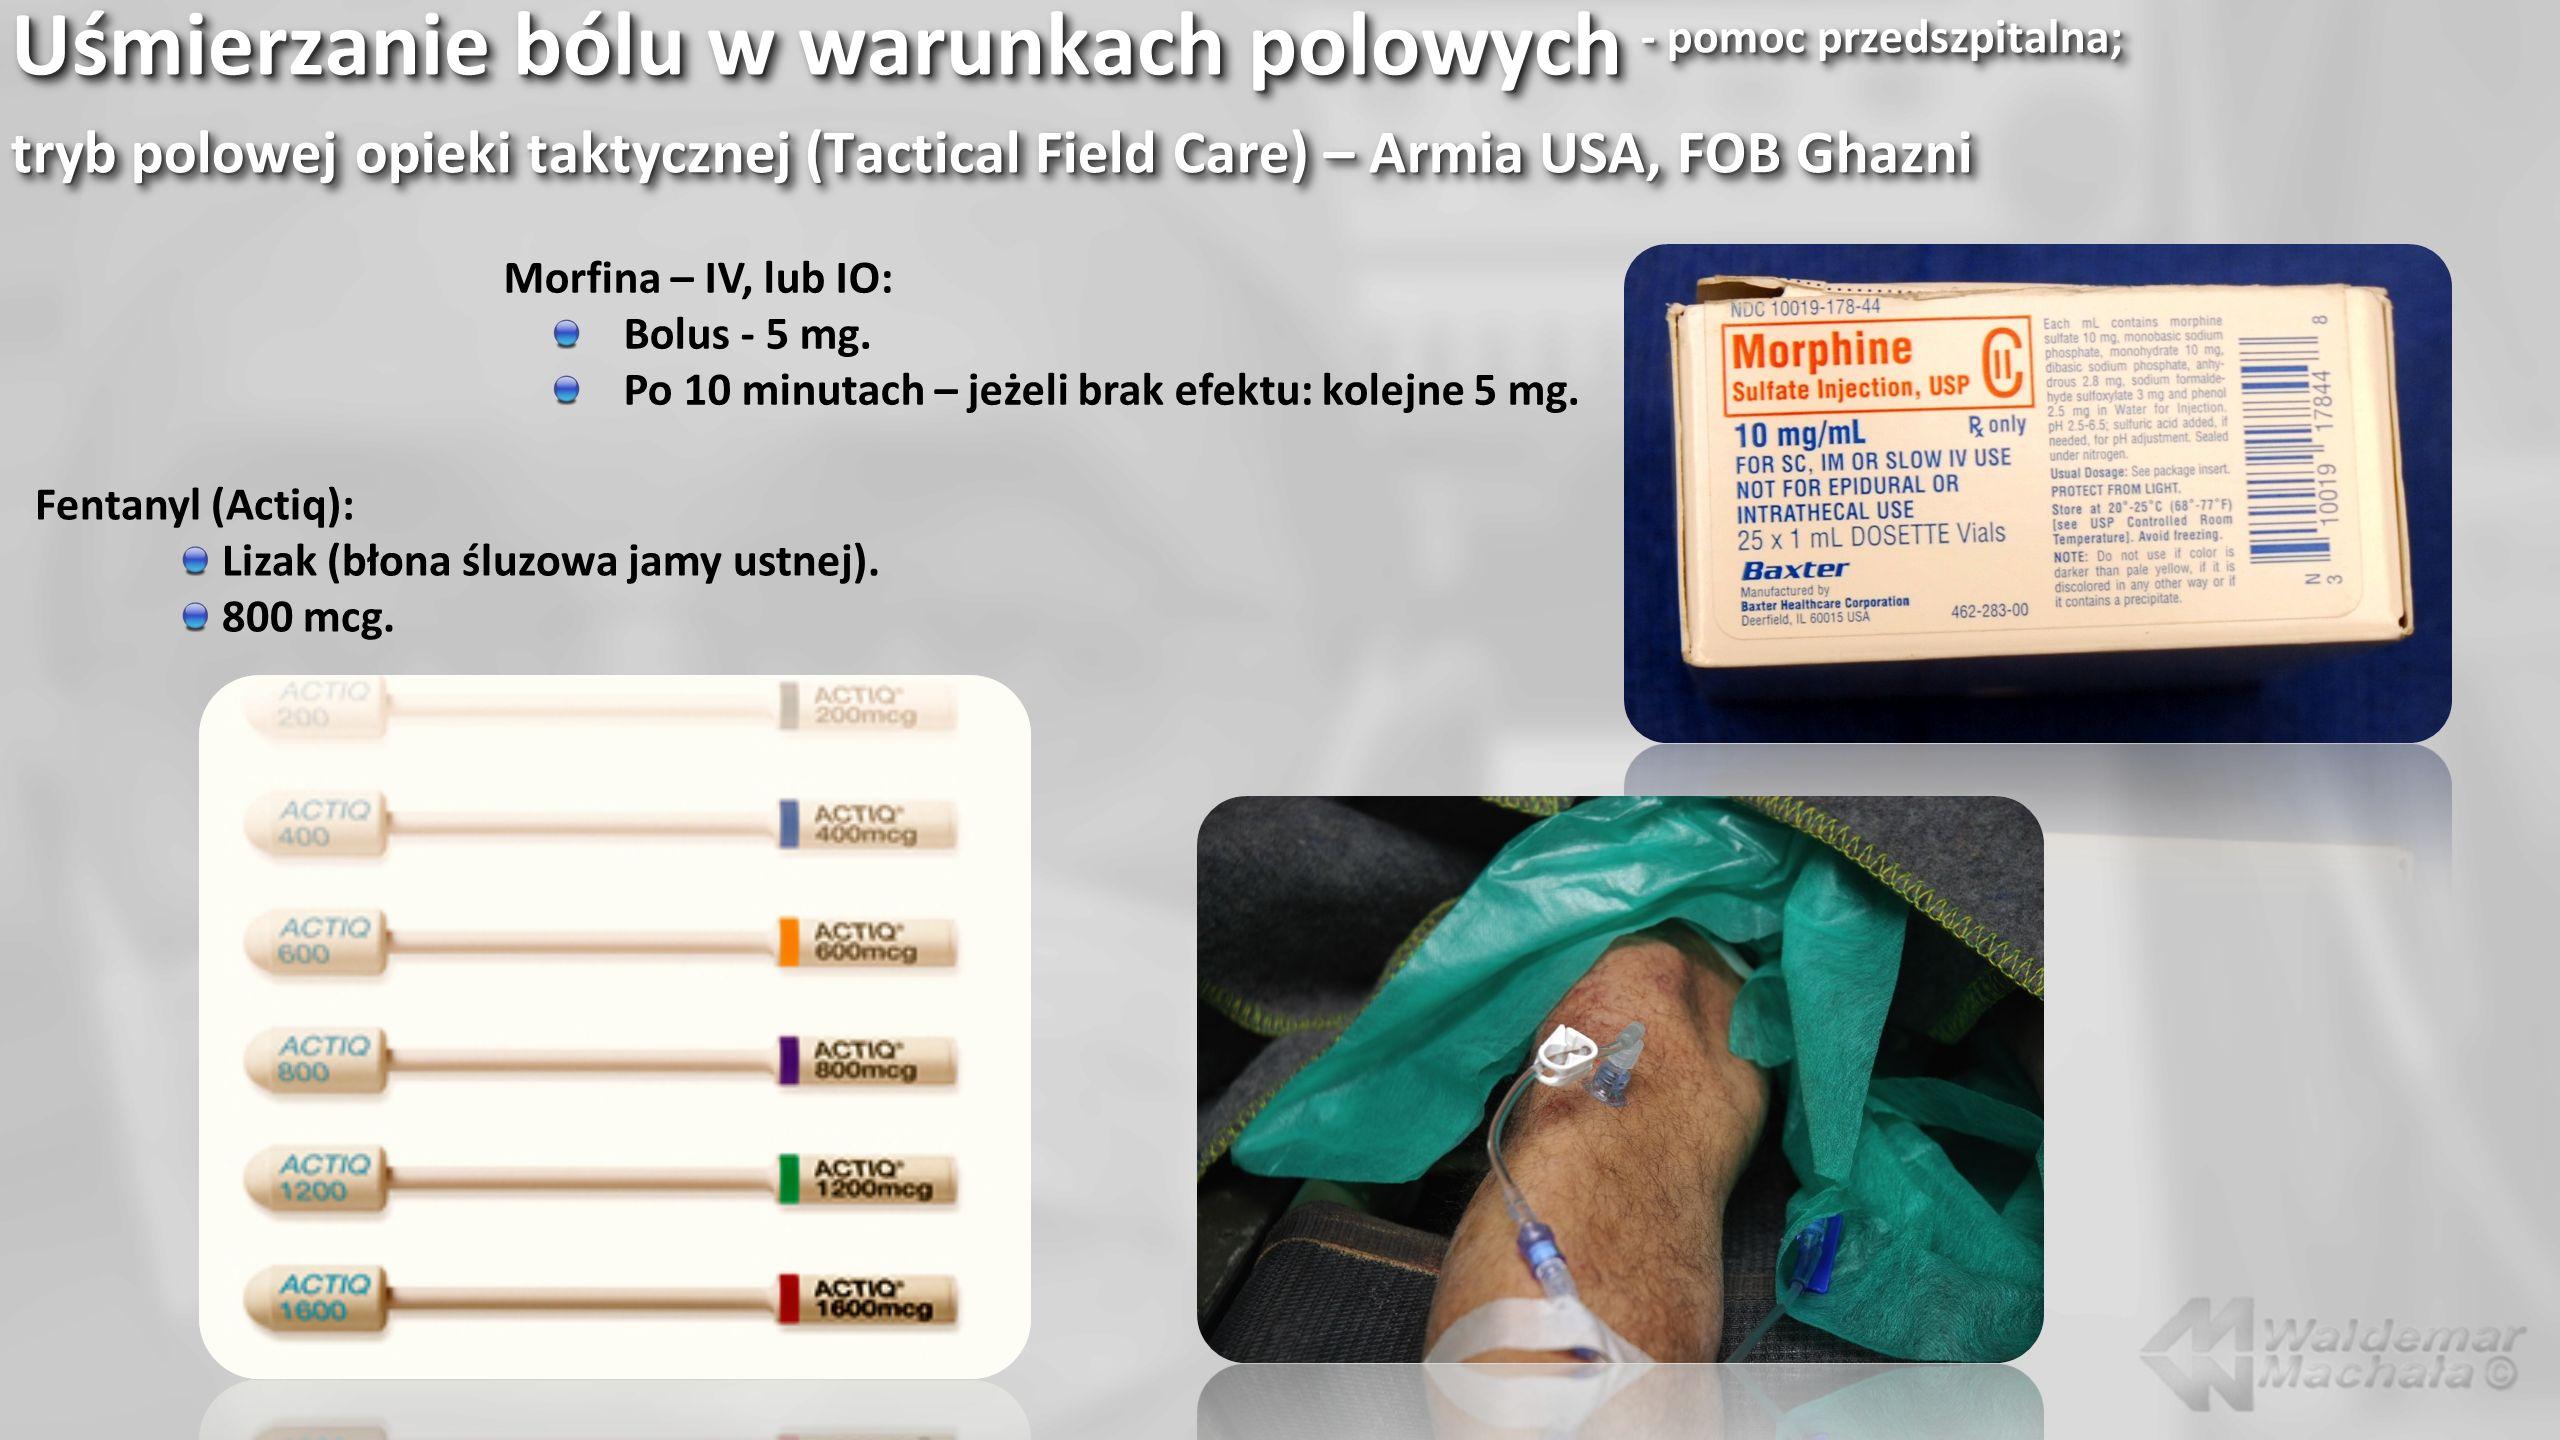 Uśmierzanie bólu w warunkach polowych - pomoc przedszpitalna; tryb polowej opieki taktycznej (Tactical Field Care) – Armia USA, FOB Ghazni